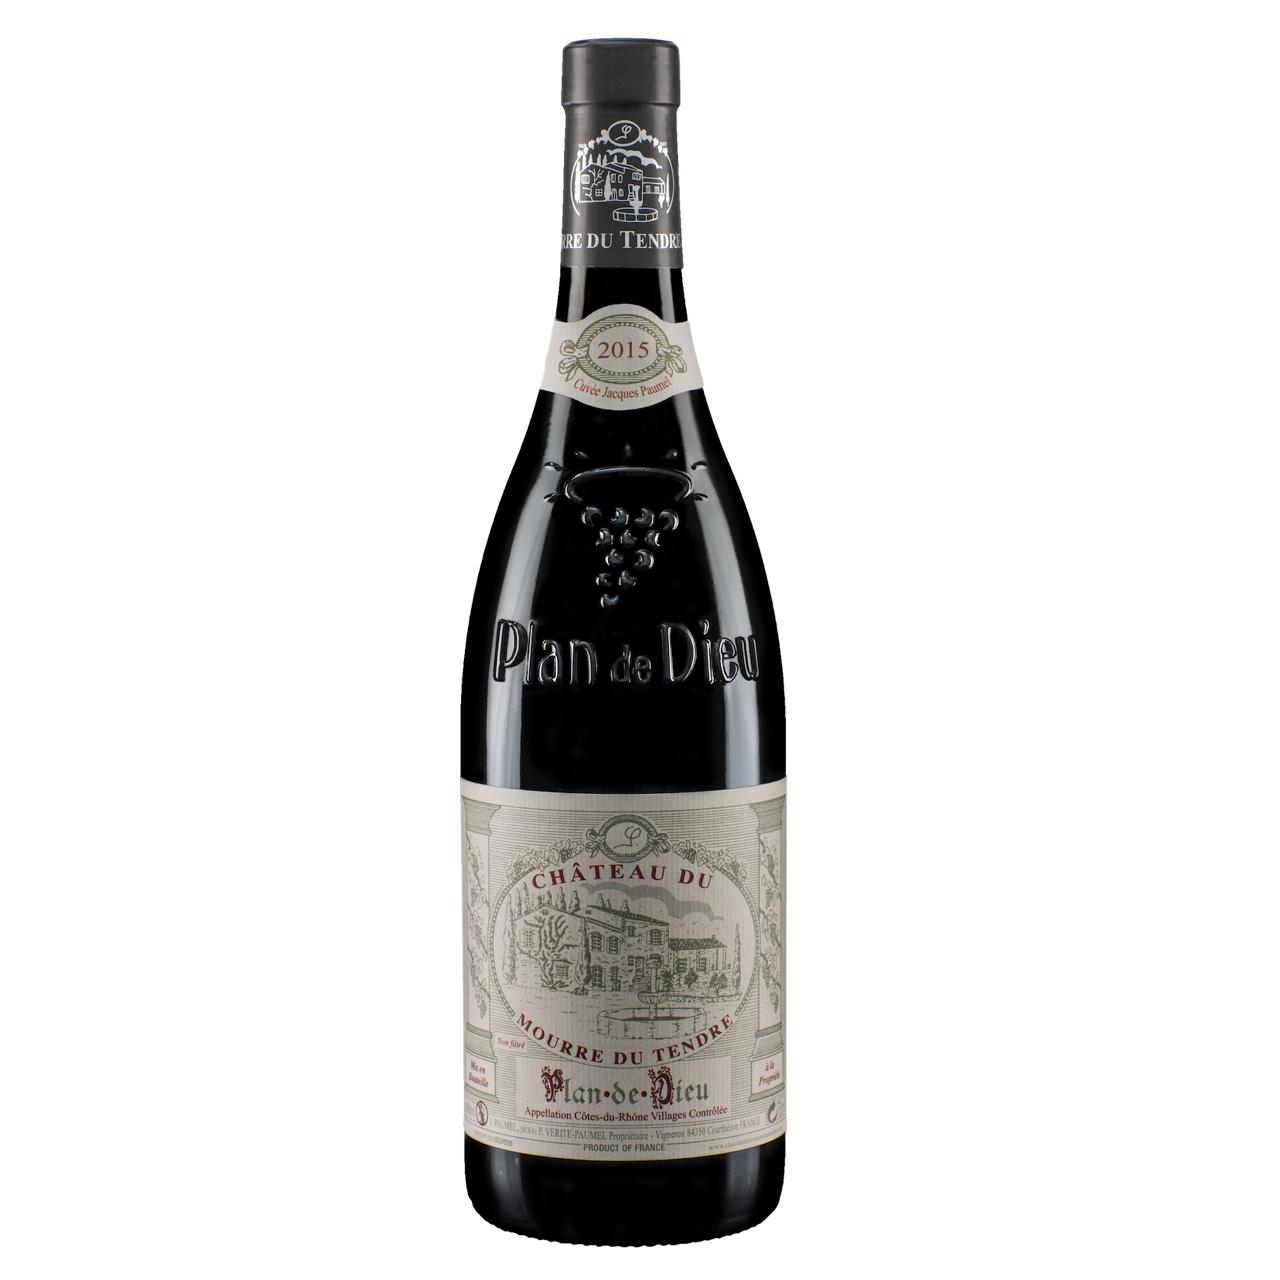 Chateau-du-Mourre-du-Tendre-PlandeDieu-Cuvee-JacquesPaumel-Cote-du-Rhone-wijnvanons